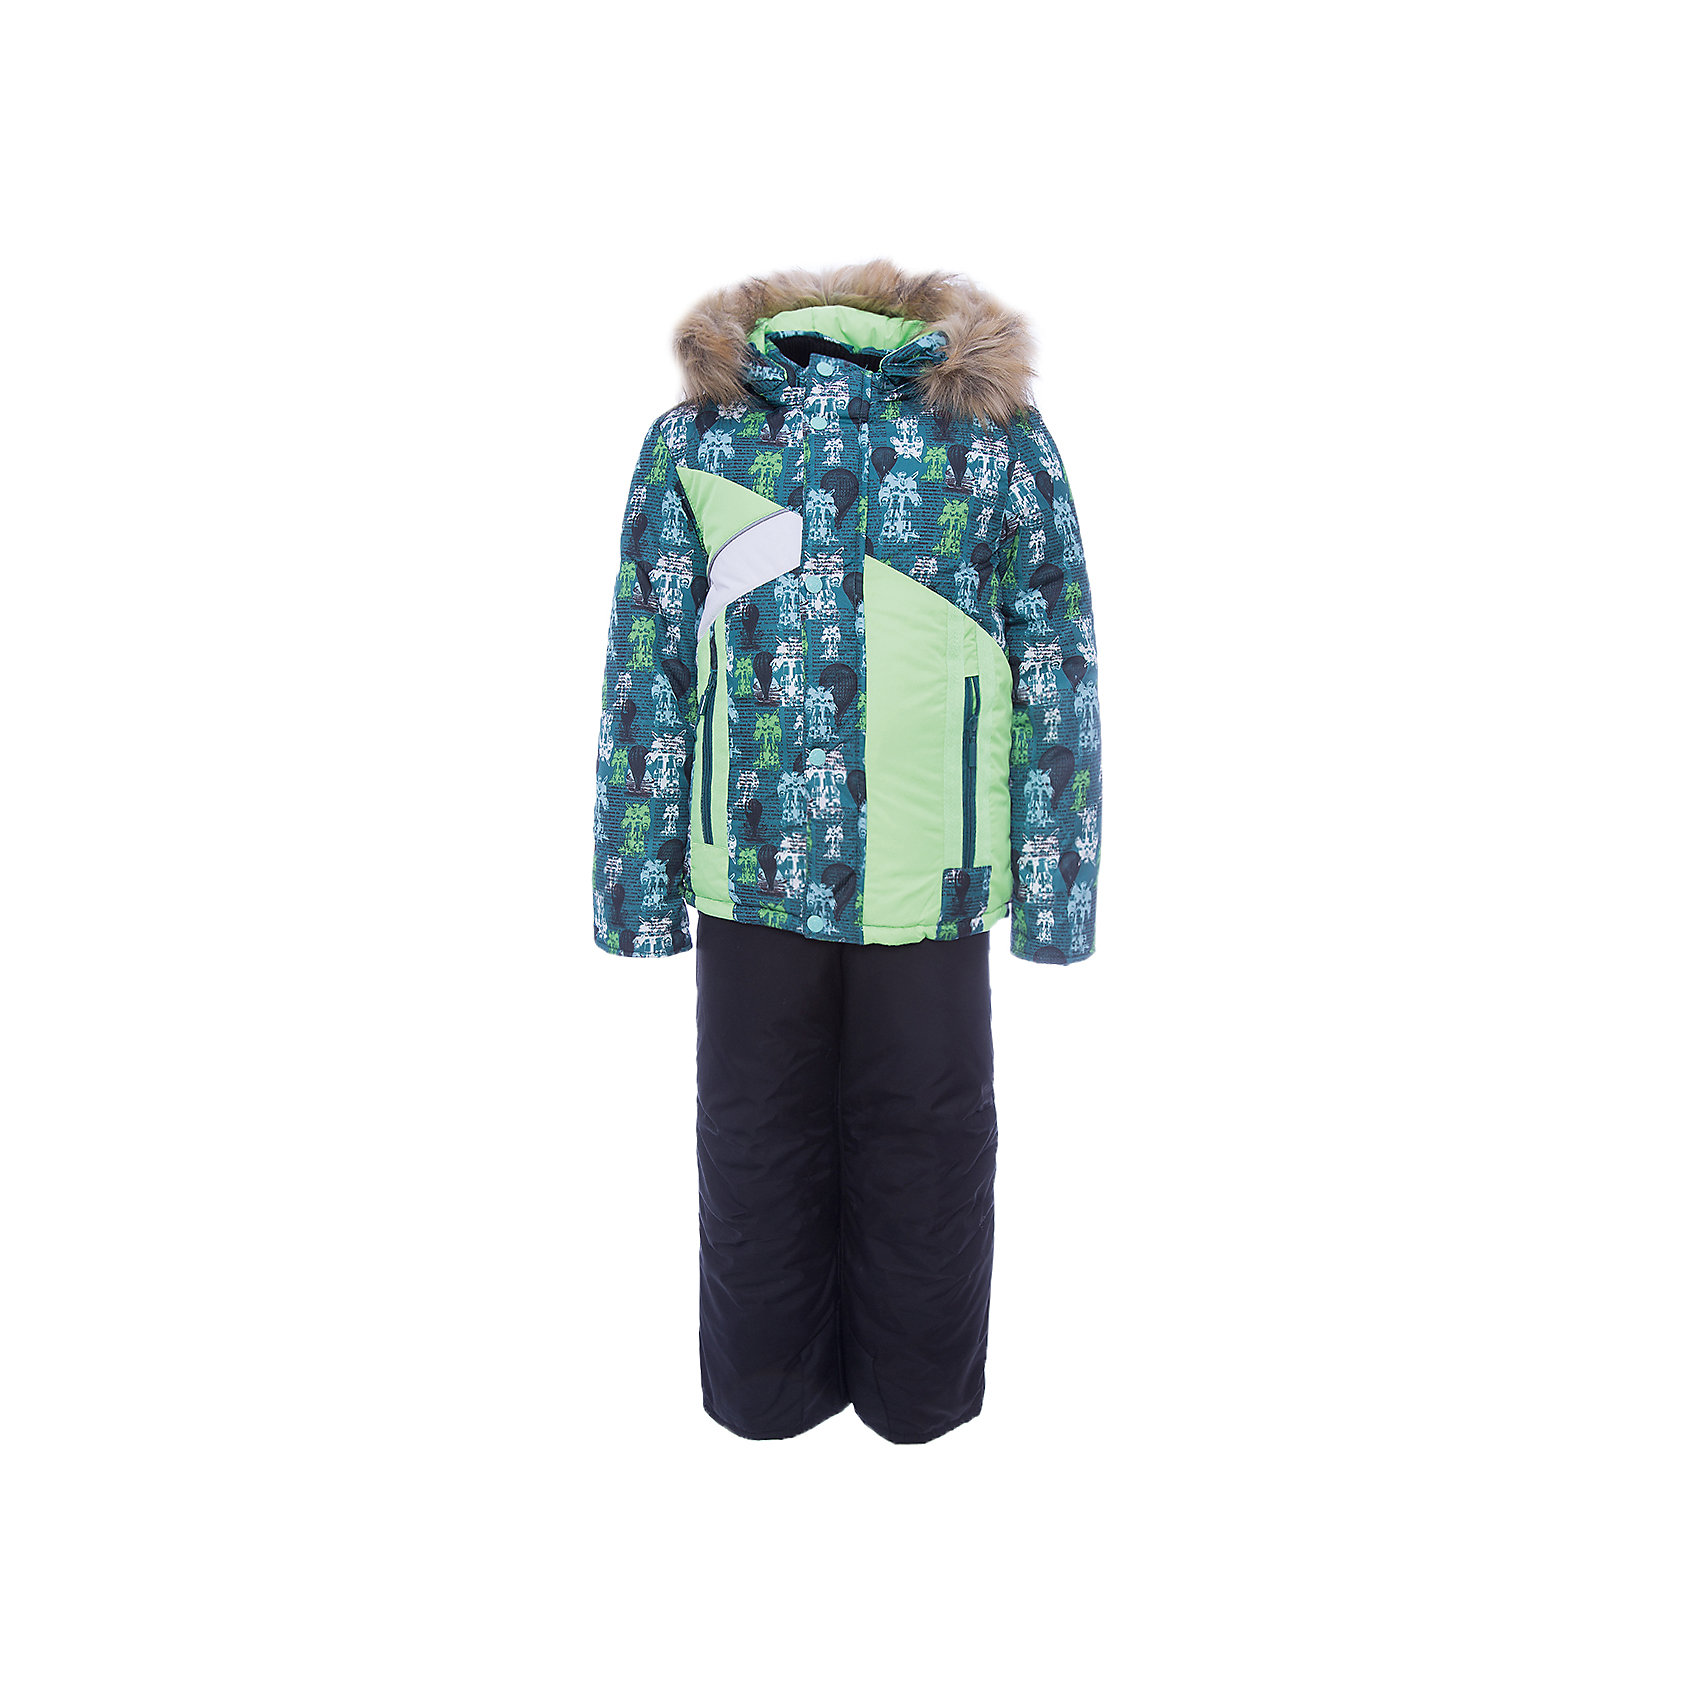 Комплект: куртка и полукомбинезон Артемий OLDOS для мальчикаВерхняя одежда<br>Характеристики товара:<br><br>• цвет: зеленый<br>• комплектация: куртка и полукомбинезон<br>• состав ткани: 100% полиэстер, Teflon<br>• подкладка: хлопок, полиэстер<br>• утеплитель: Hollofan 250/200 г/м2<br>• подстежка: 60% шерсть, 40% полиэстер<br>• сезон: зима<br>• температурный режим: от -35 до 0<br>• застежка: молния<br>• капюшон: с мехом, съемный<br>• подстежка в комплекте<br>• страна бренда: Россия<br>• страна изготовитель: Россия<br><br>Такой зимний комплект состоит из куртки и удобного полукомбинезона, также с ним идет шерстяная подстежка. Она отстегивается в более теплую погоду. Подкладка зимнего комплекта комбинированная: хлопок и полиэстер. Зимний костюм для мальчика дополнен элементами, помогающими скорректировать размер точно под ребенка. <br><br>Комплект: куртка и полукомбинезон Артемий Oldos (Олдос) для мальчика можно купить в нашем интернет-магазине.<br><br>Ширина мм: 356<br>Глубина мм: 10<br>Высота мм: 245<br>Вес г: 519<br>Цвет: зеленый<br>Возраст от месяцев: 60<br>Возраст до месяцев: 72<br>Пол: Мужской<br>Возраст: Детский<br>Размер: 116,86,92,98,104,110<br>SKU: 7016938